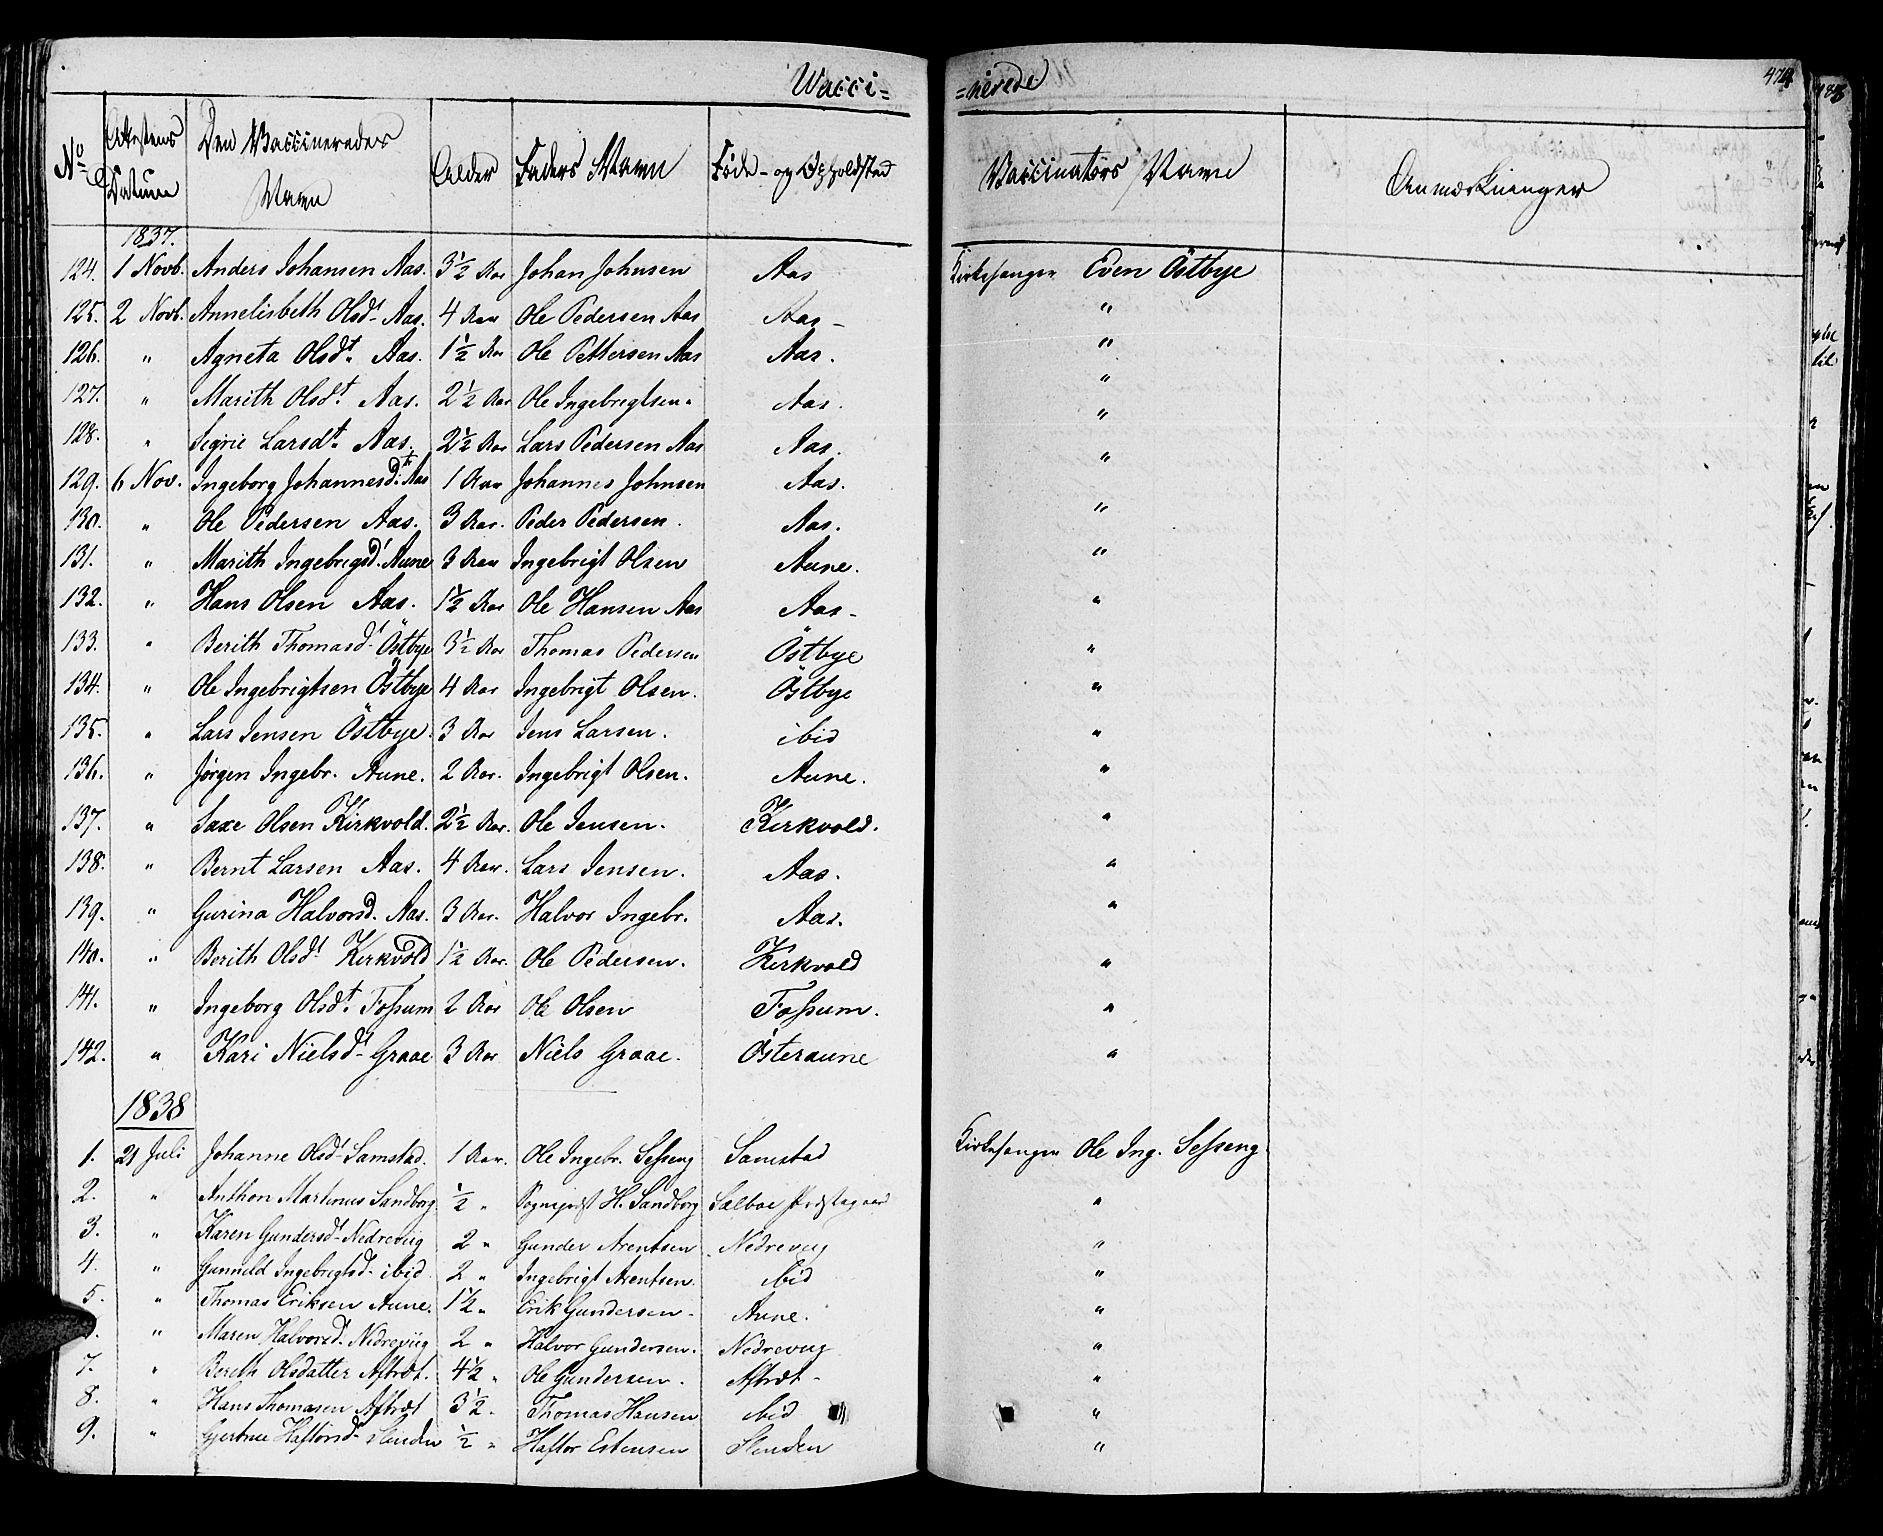 SAT, Ministerialprotokoller, klokkerbøker og fødselsregistre - Sør-Trøndelag, 695/L1143: Ministerialbok nr. 695A05 /1, 1824-1842, s. 474